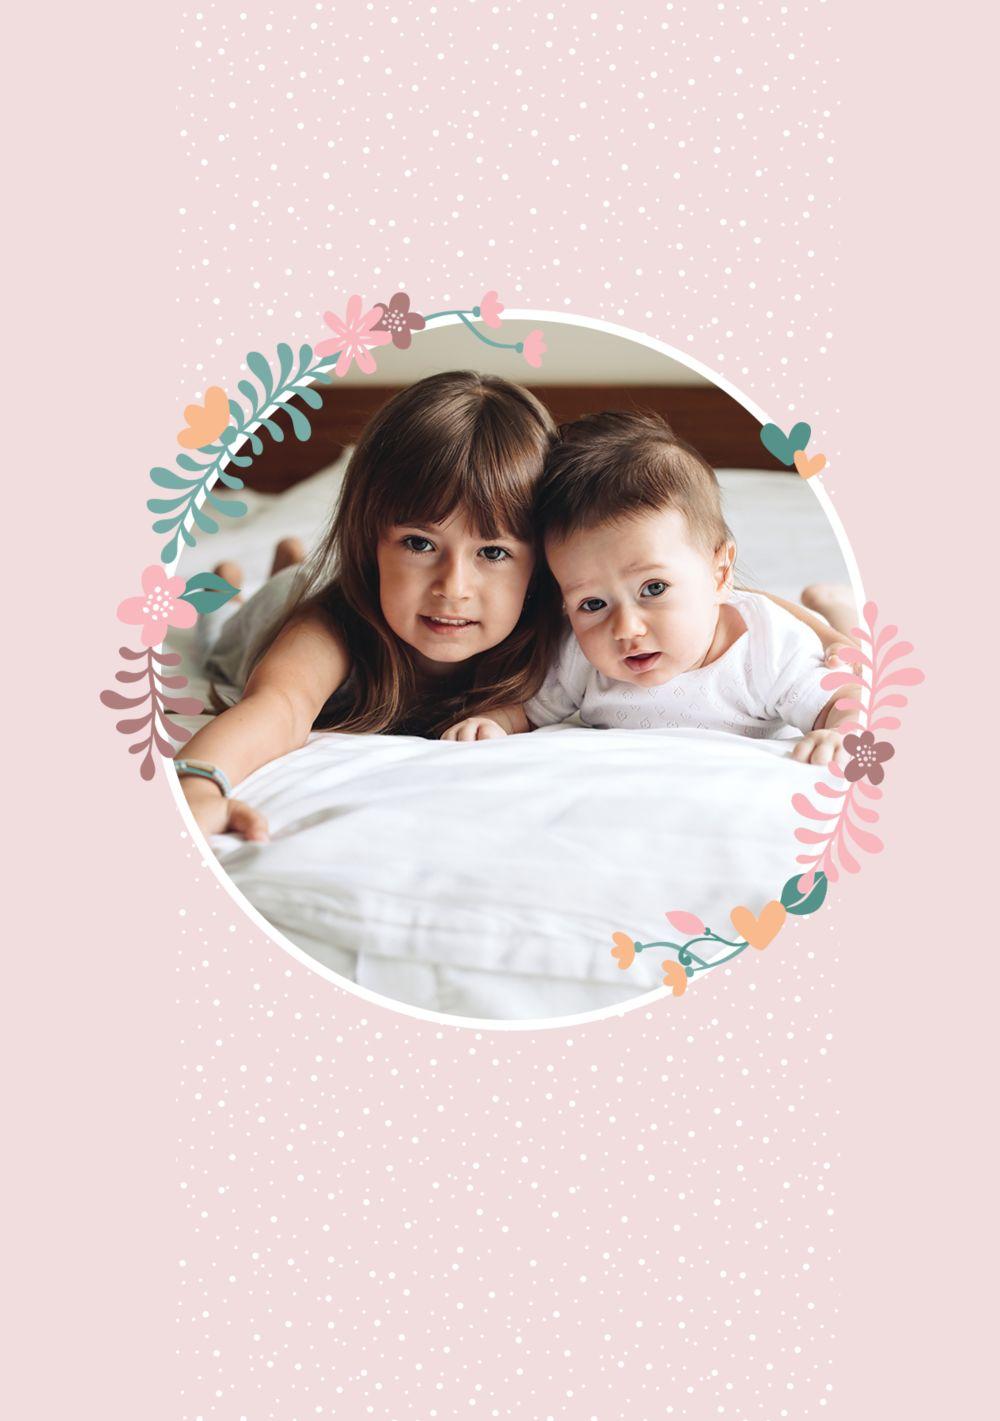 Ansicht 4 - Muttertagskarte Blumenkreis